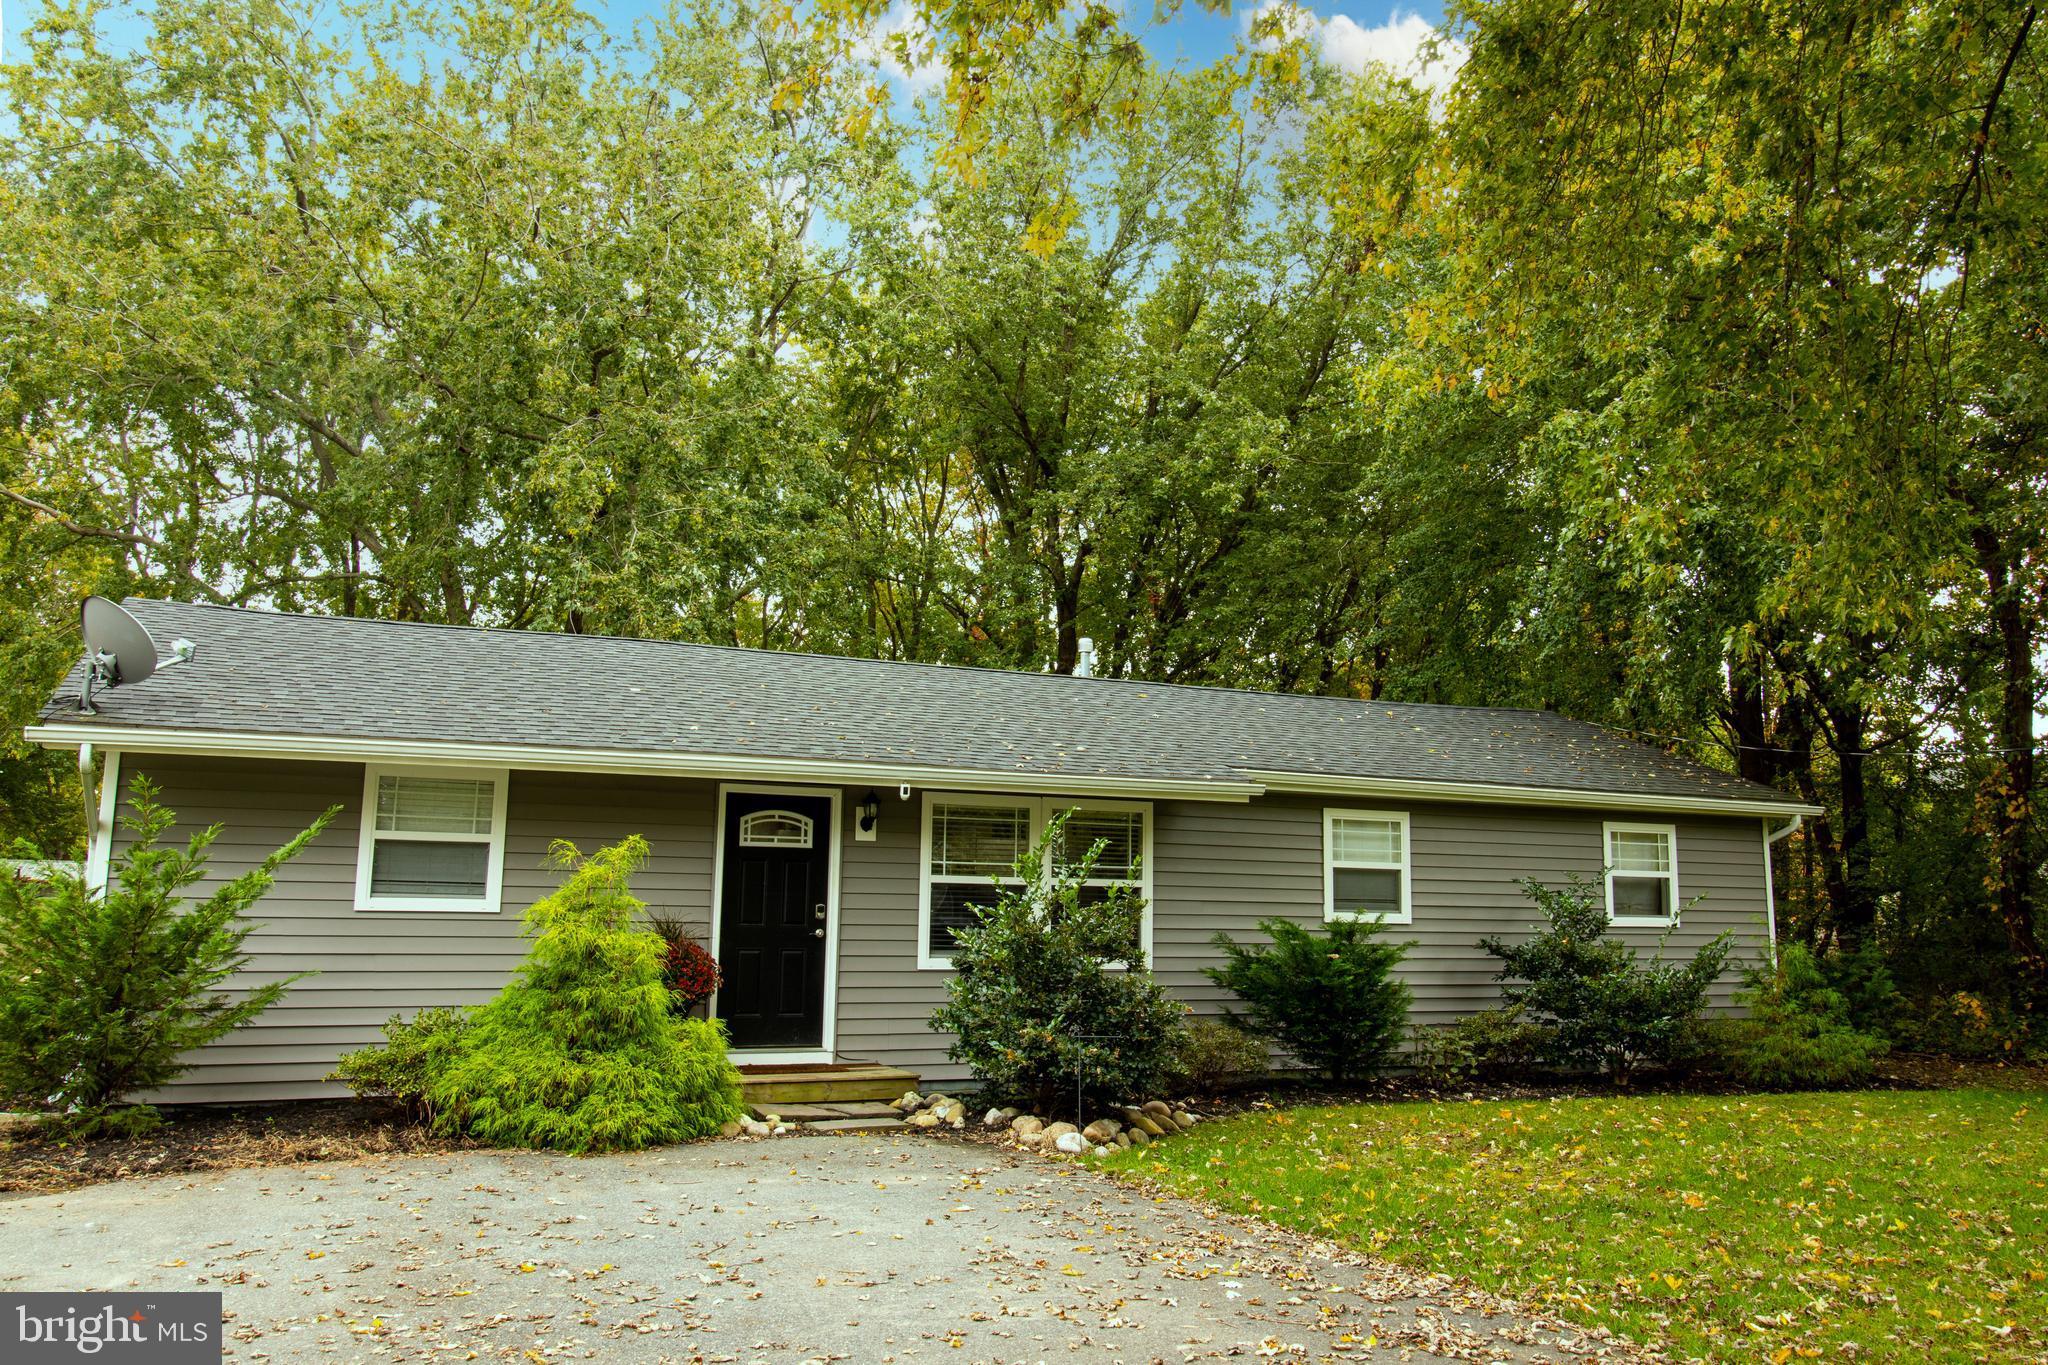 231 Nichols Manor Dr, Stevensville, MD, 21666